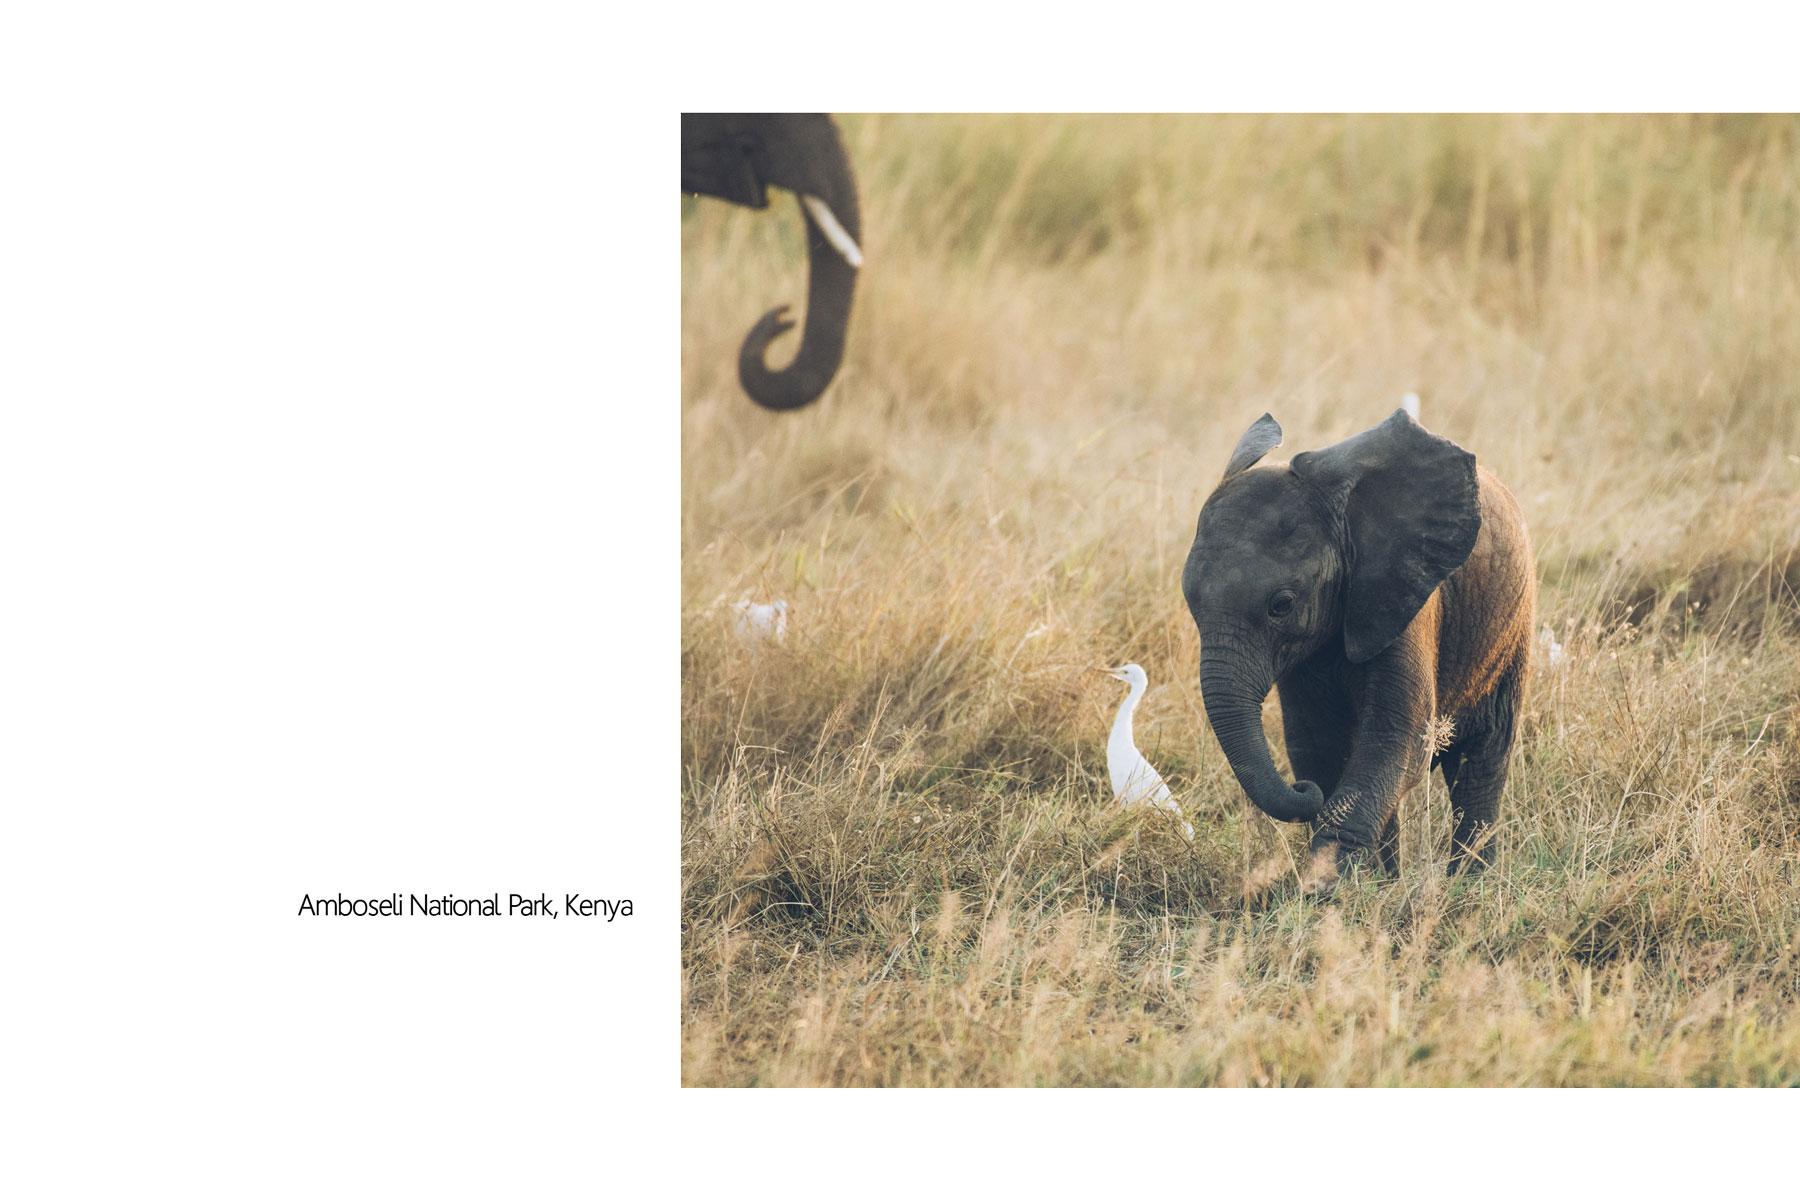 Eléphanteau, Parc National Amboseli, Kenya